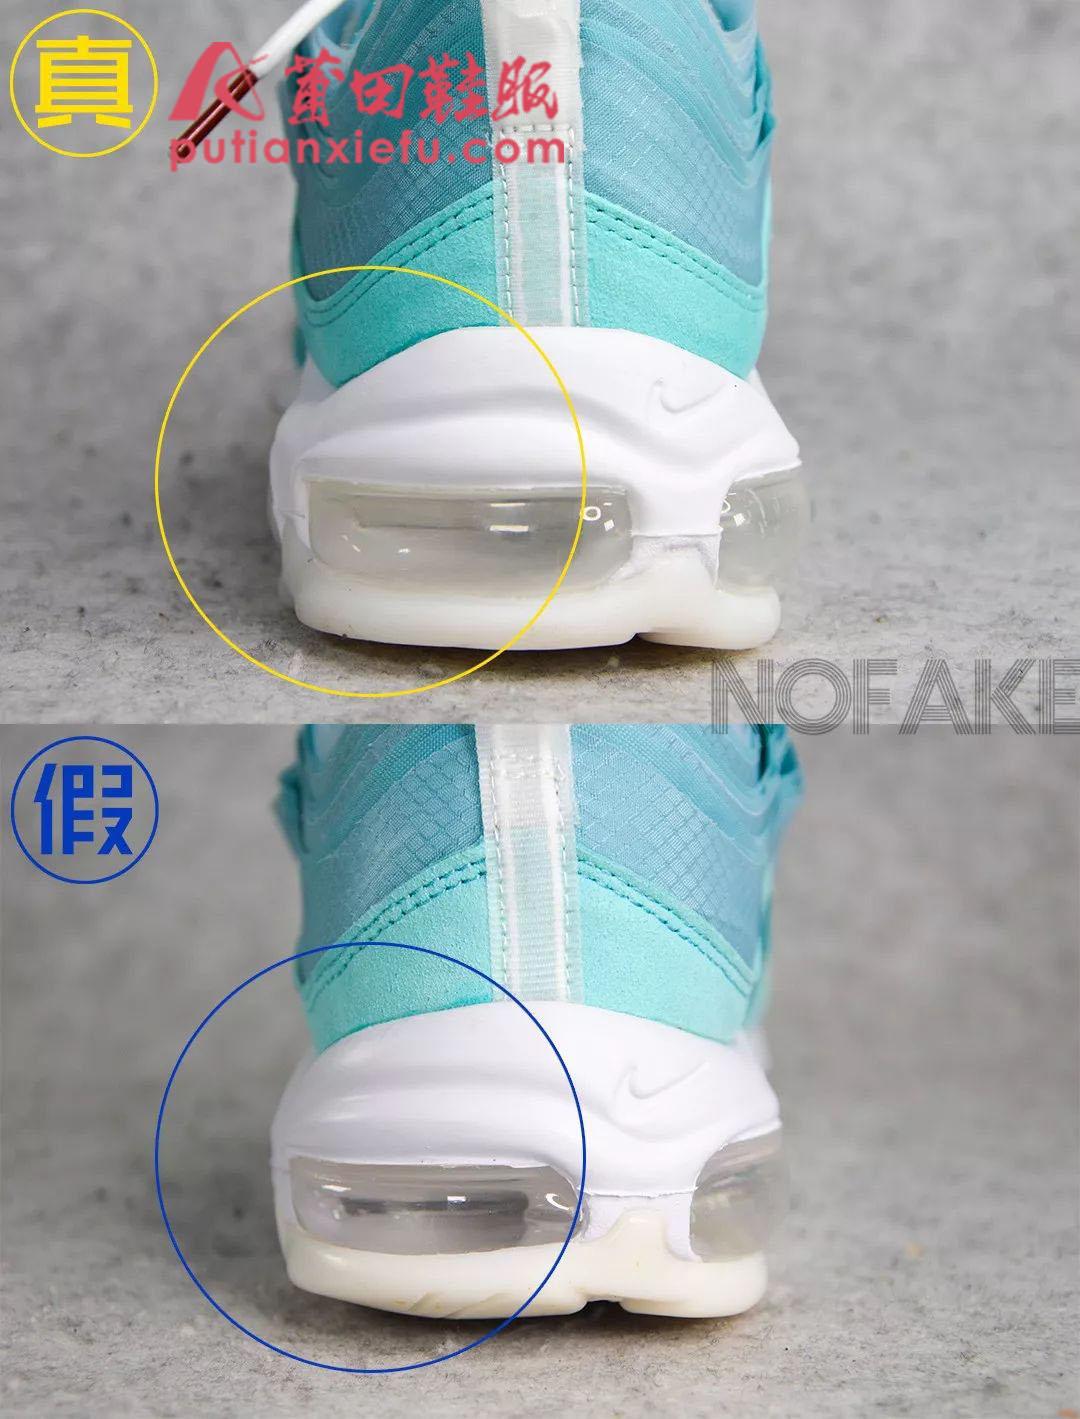 Nike Air Max 97 万花筒 上海限定 真假对比